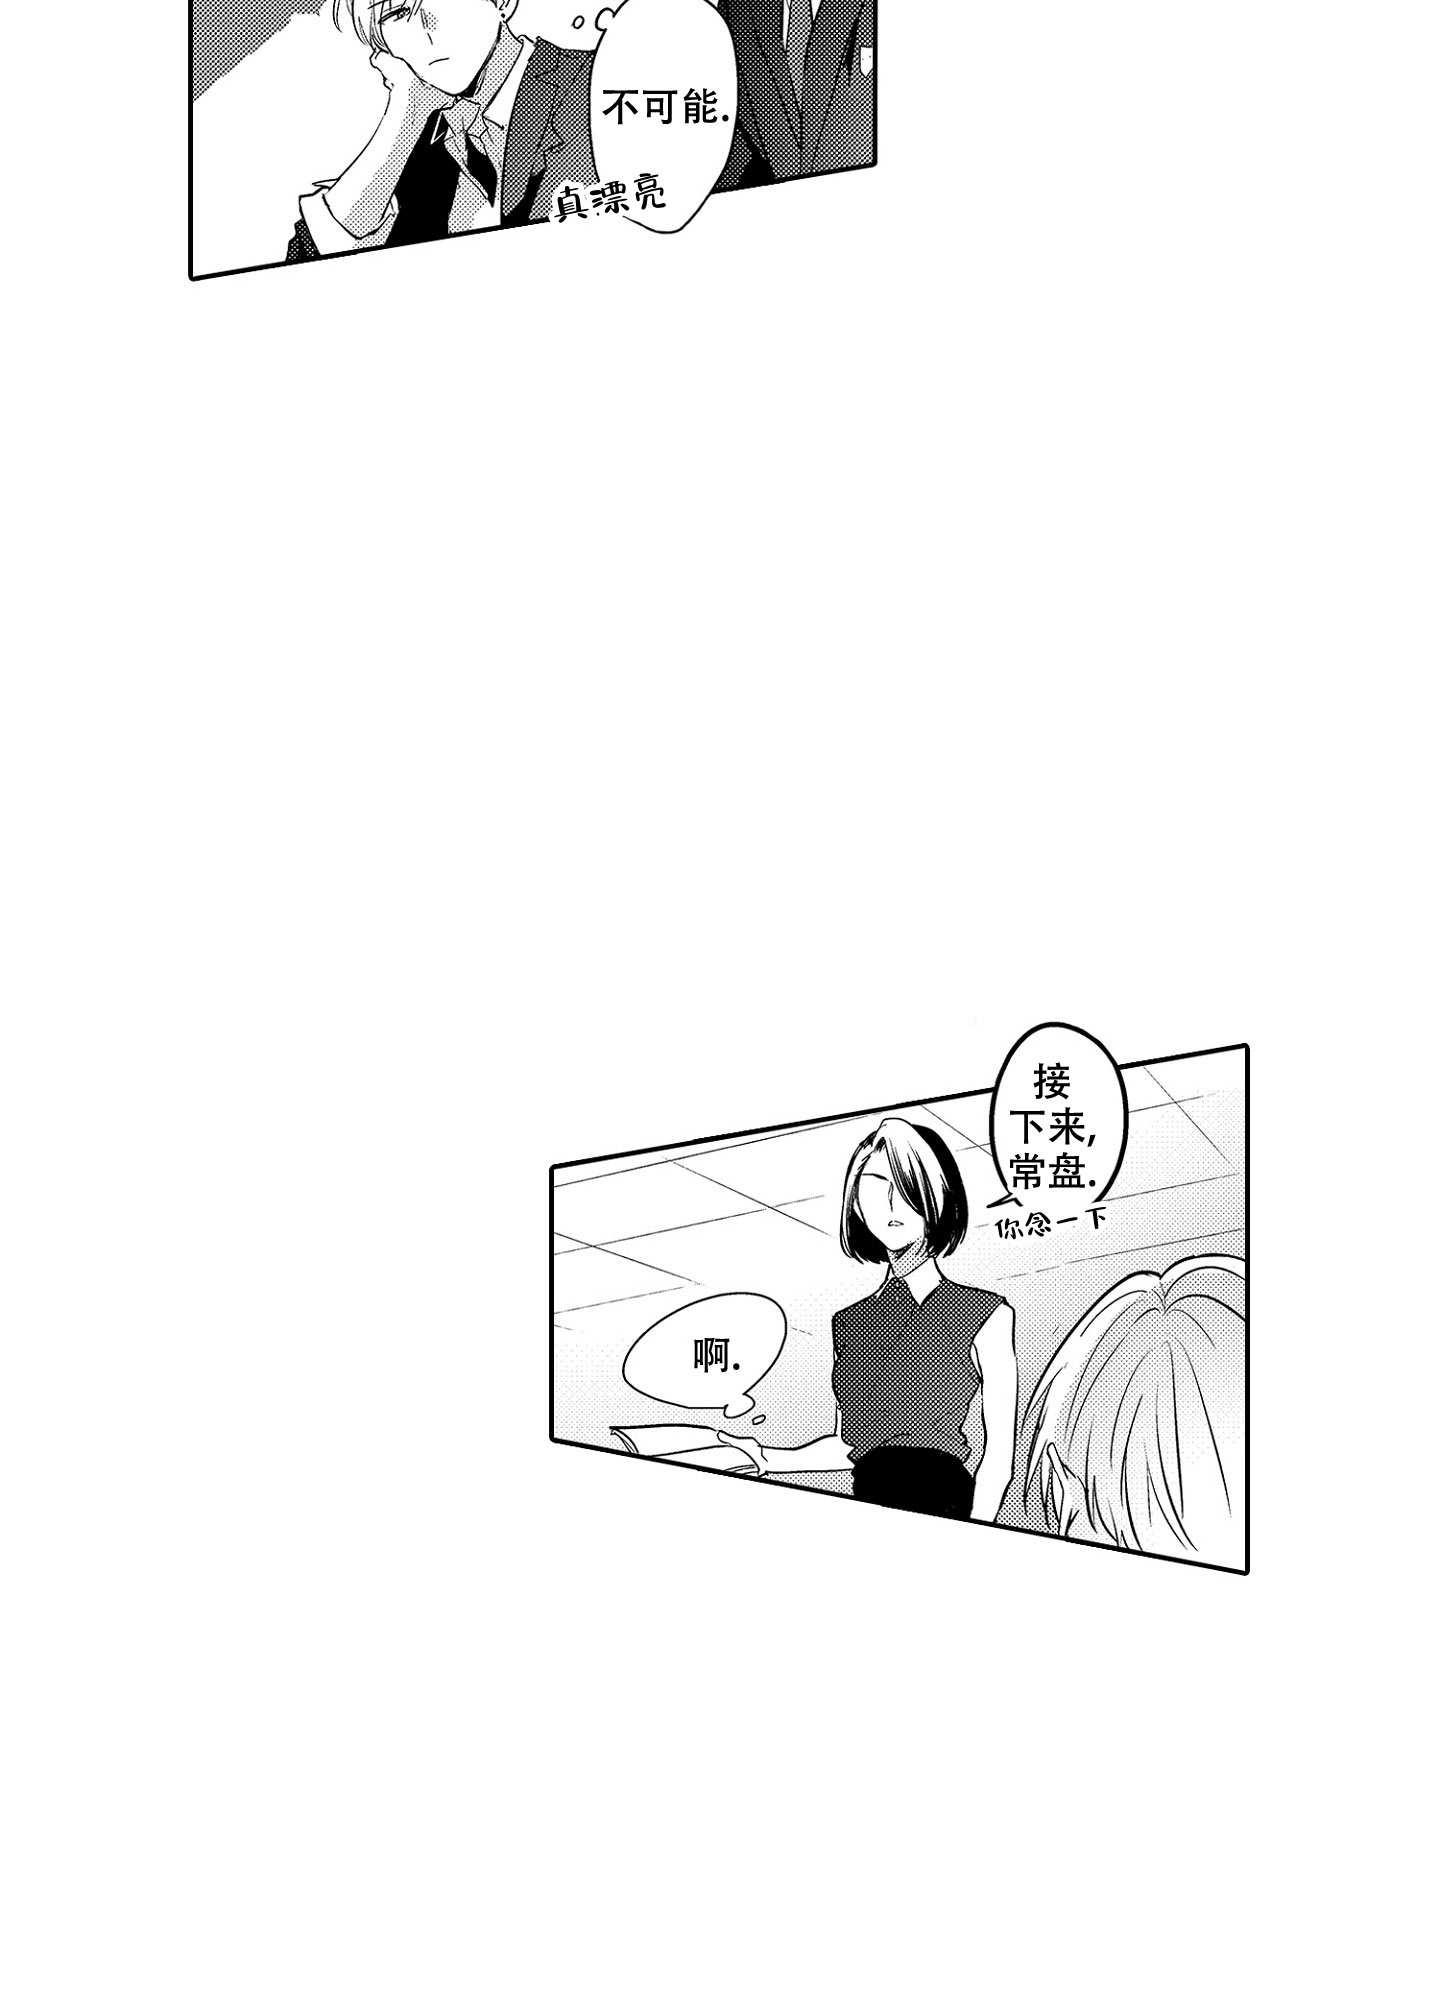 韩漫 |《爱的深处》  教授,你太粗暴了!  第18张